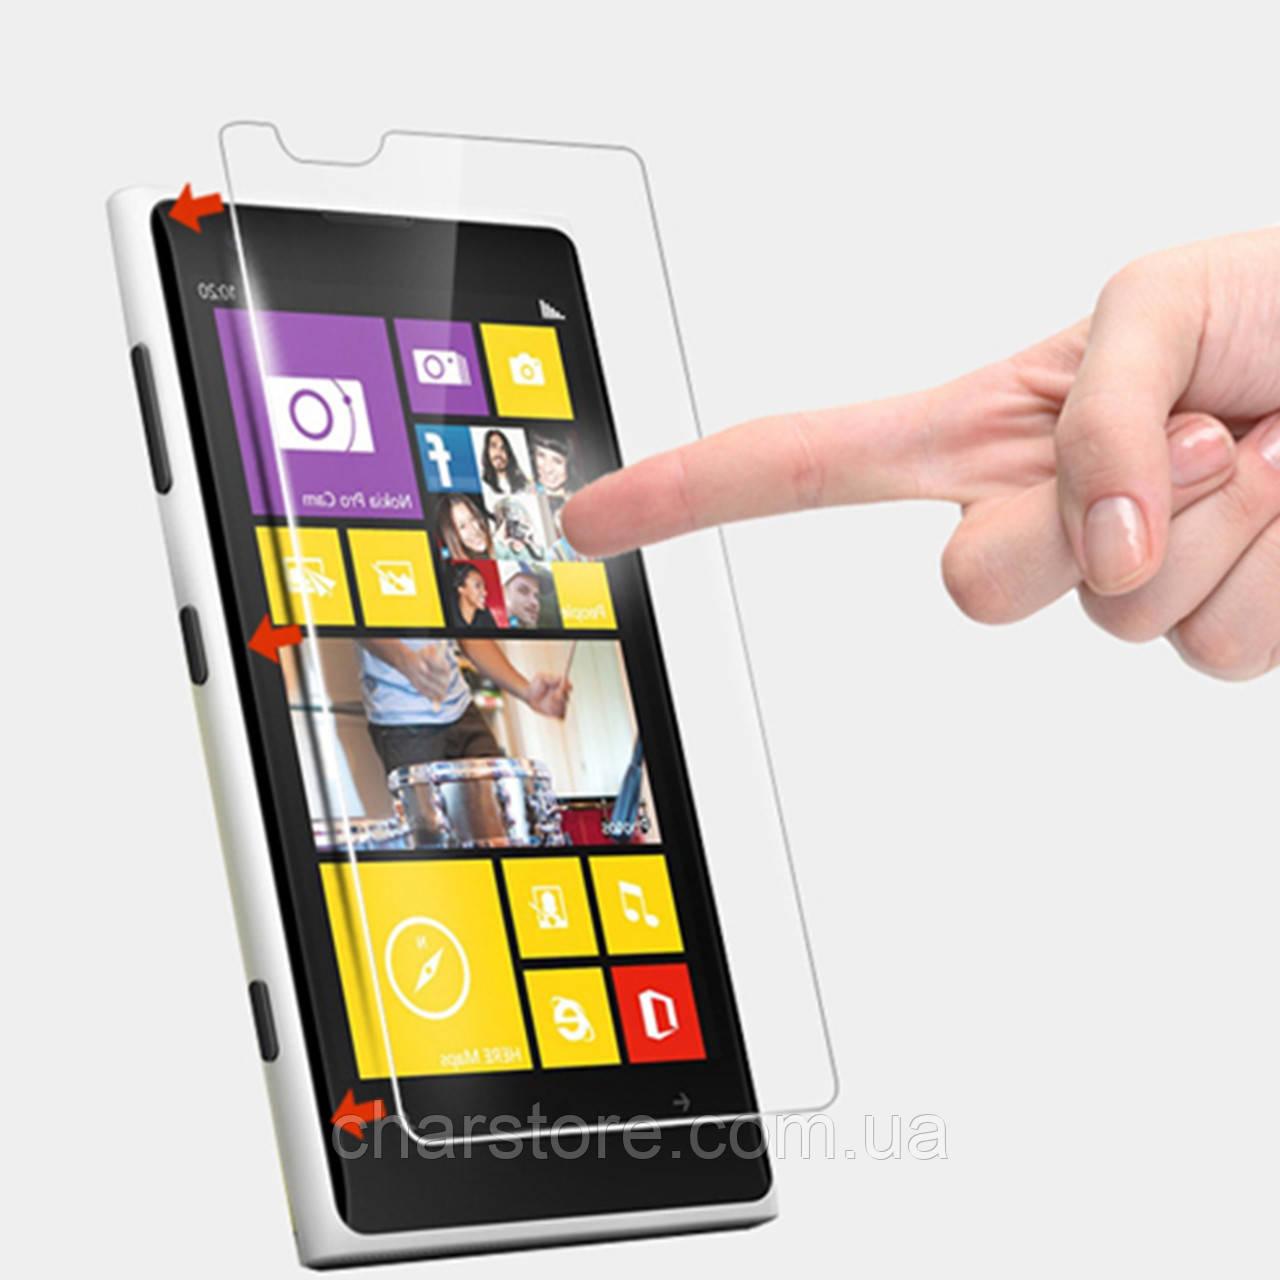 Защитное стекло для Nokia Lumia 1020 плотность 9H